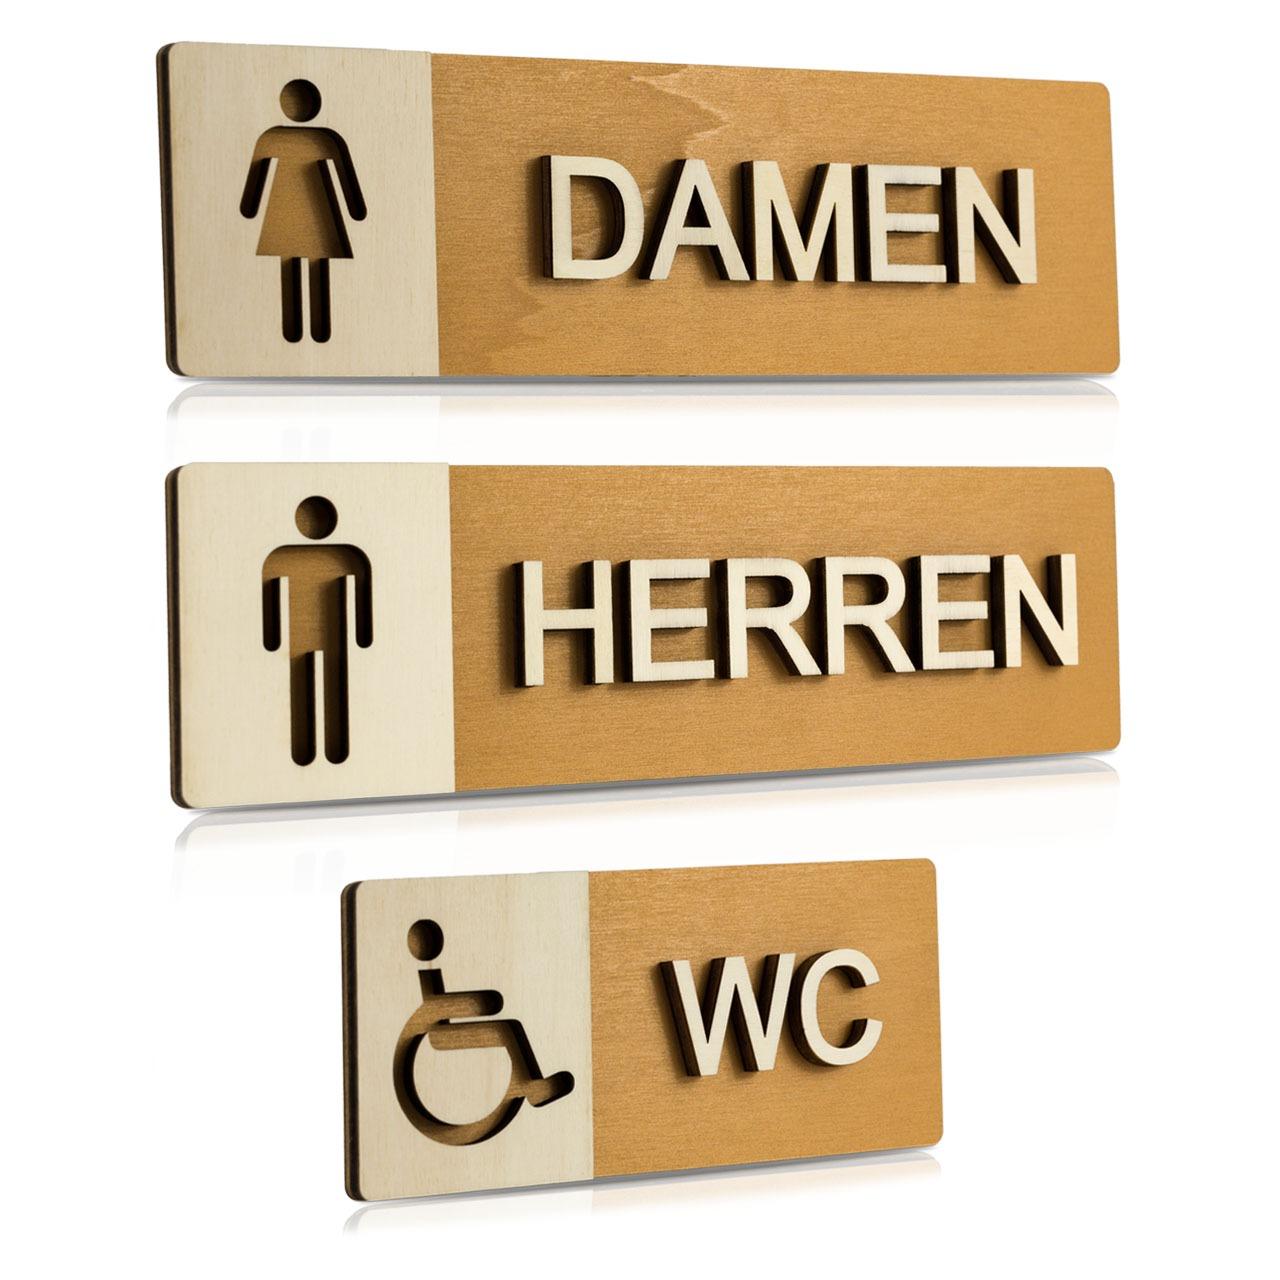 """Holz-Türschilder (Nussbaum hell) """"Damen, Herren und Behinderten-WC"""""""